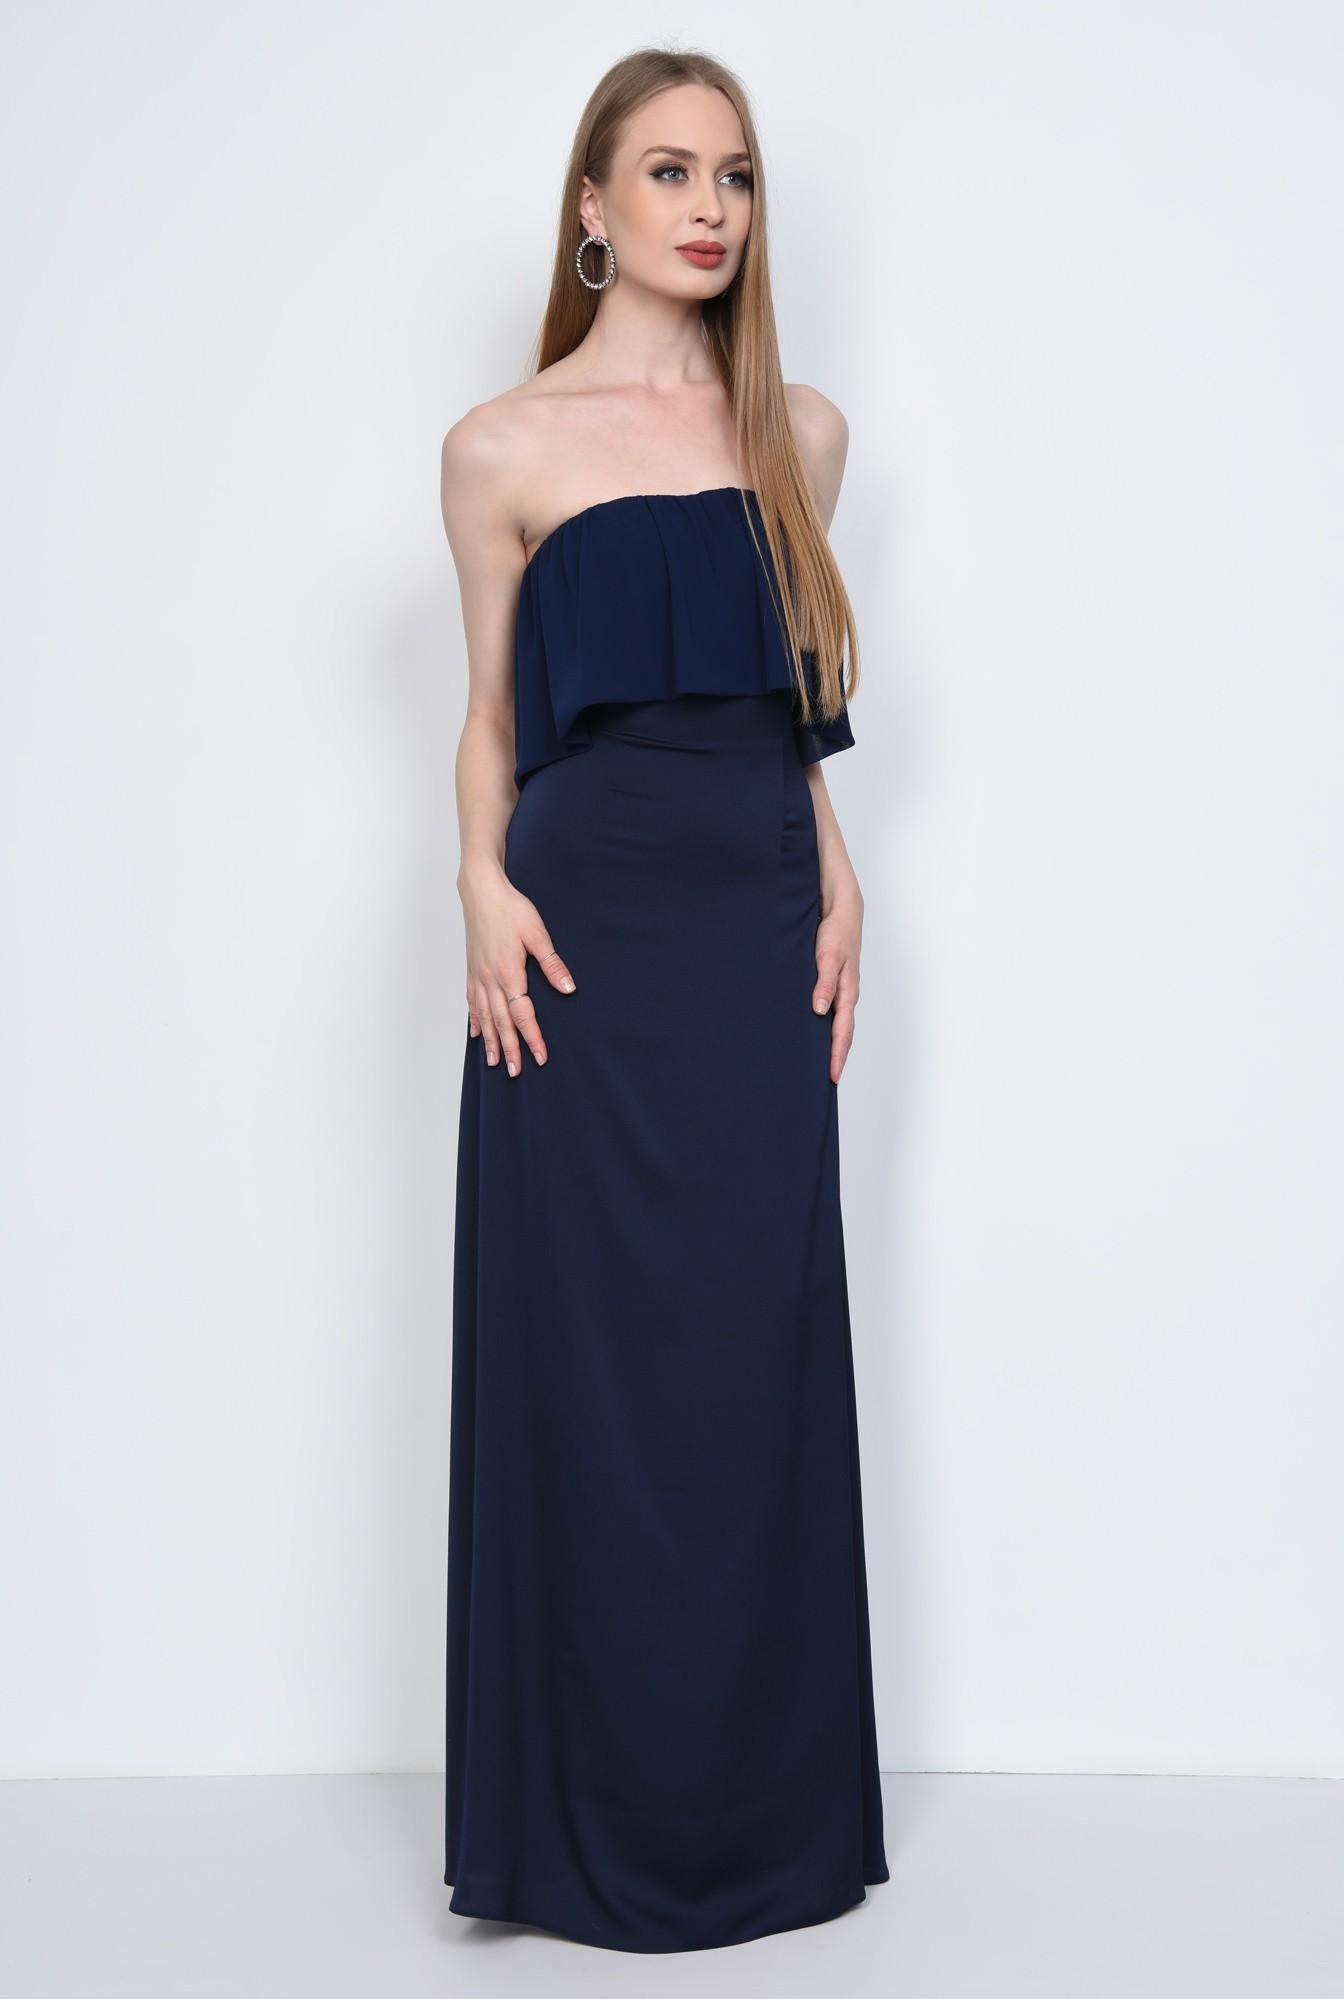 3 - Rochie eleganta lunga, bleumarin